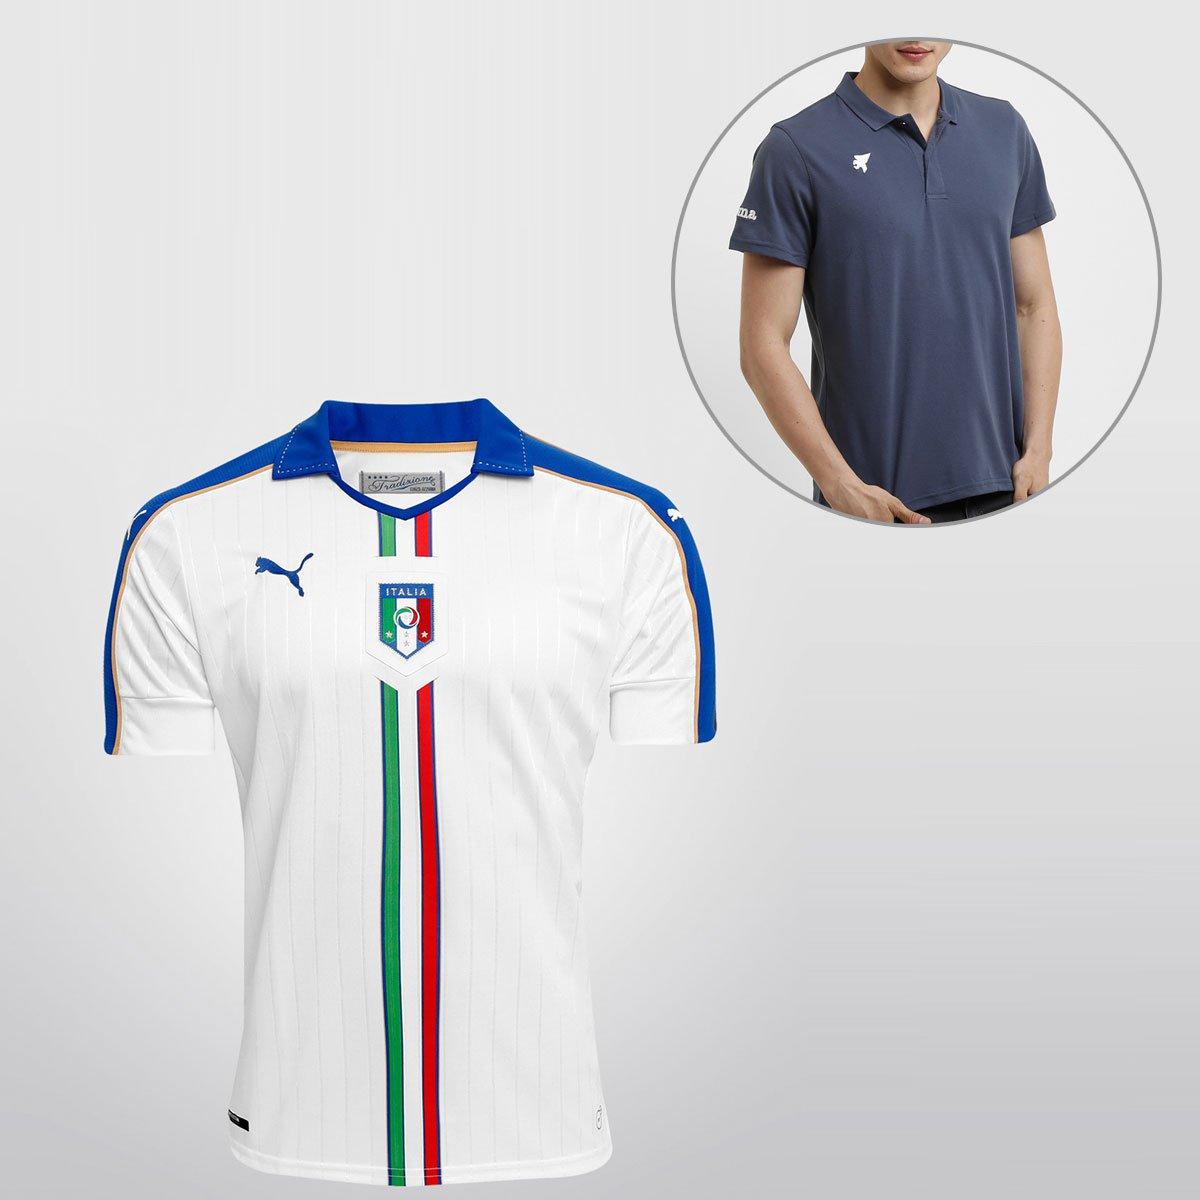 Camisa Puma Seleção Itália Away 15 16 s nº + Camisa Polo Joma - Compre  Agora  a785539dfb80b